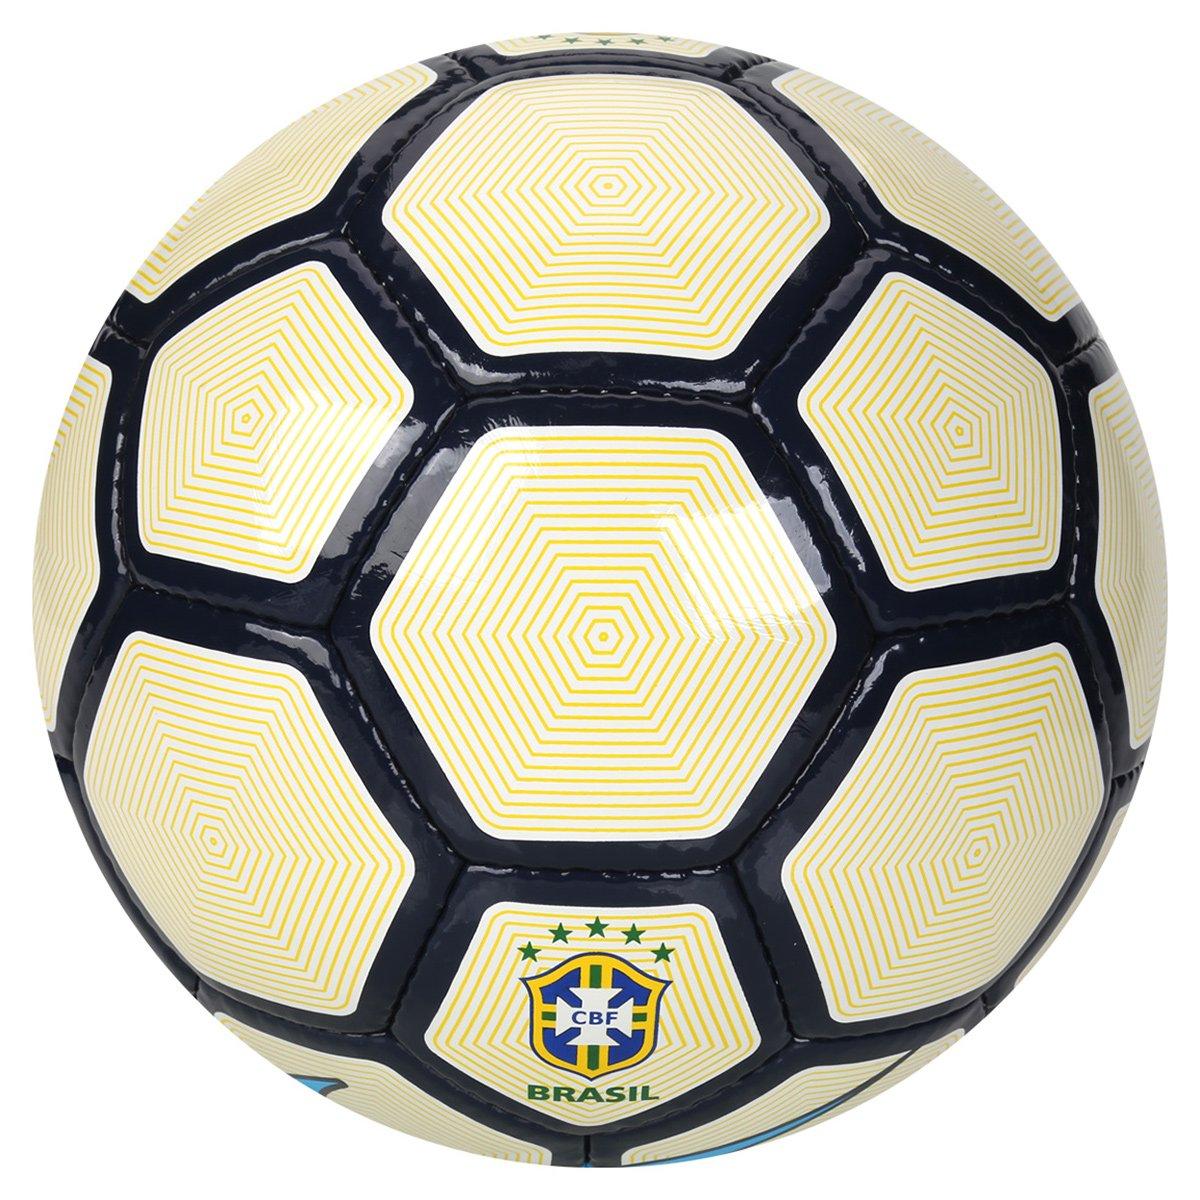 Bola Futebol Society Nike CBF - Compre Agora  9dc249cf04a3a